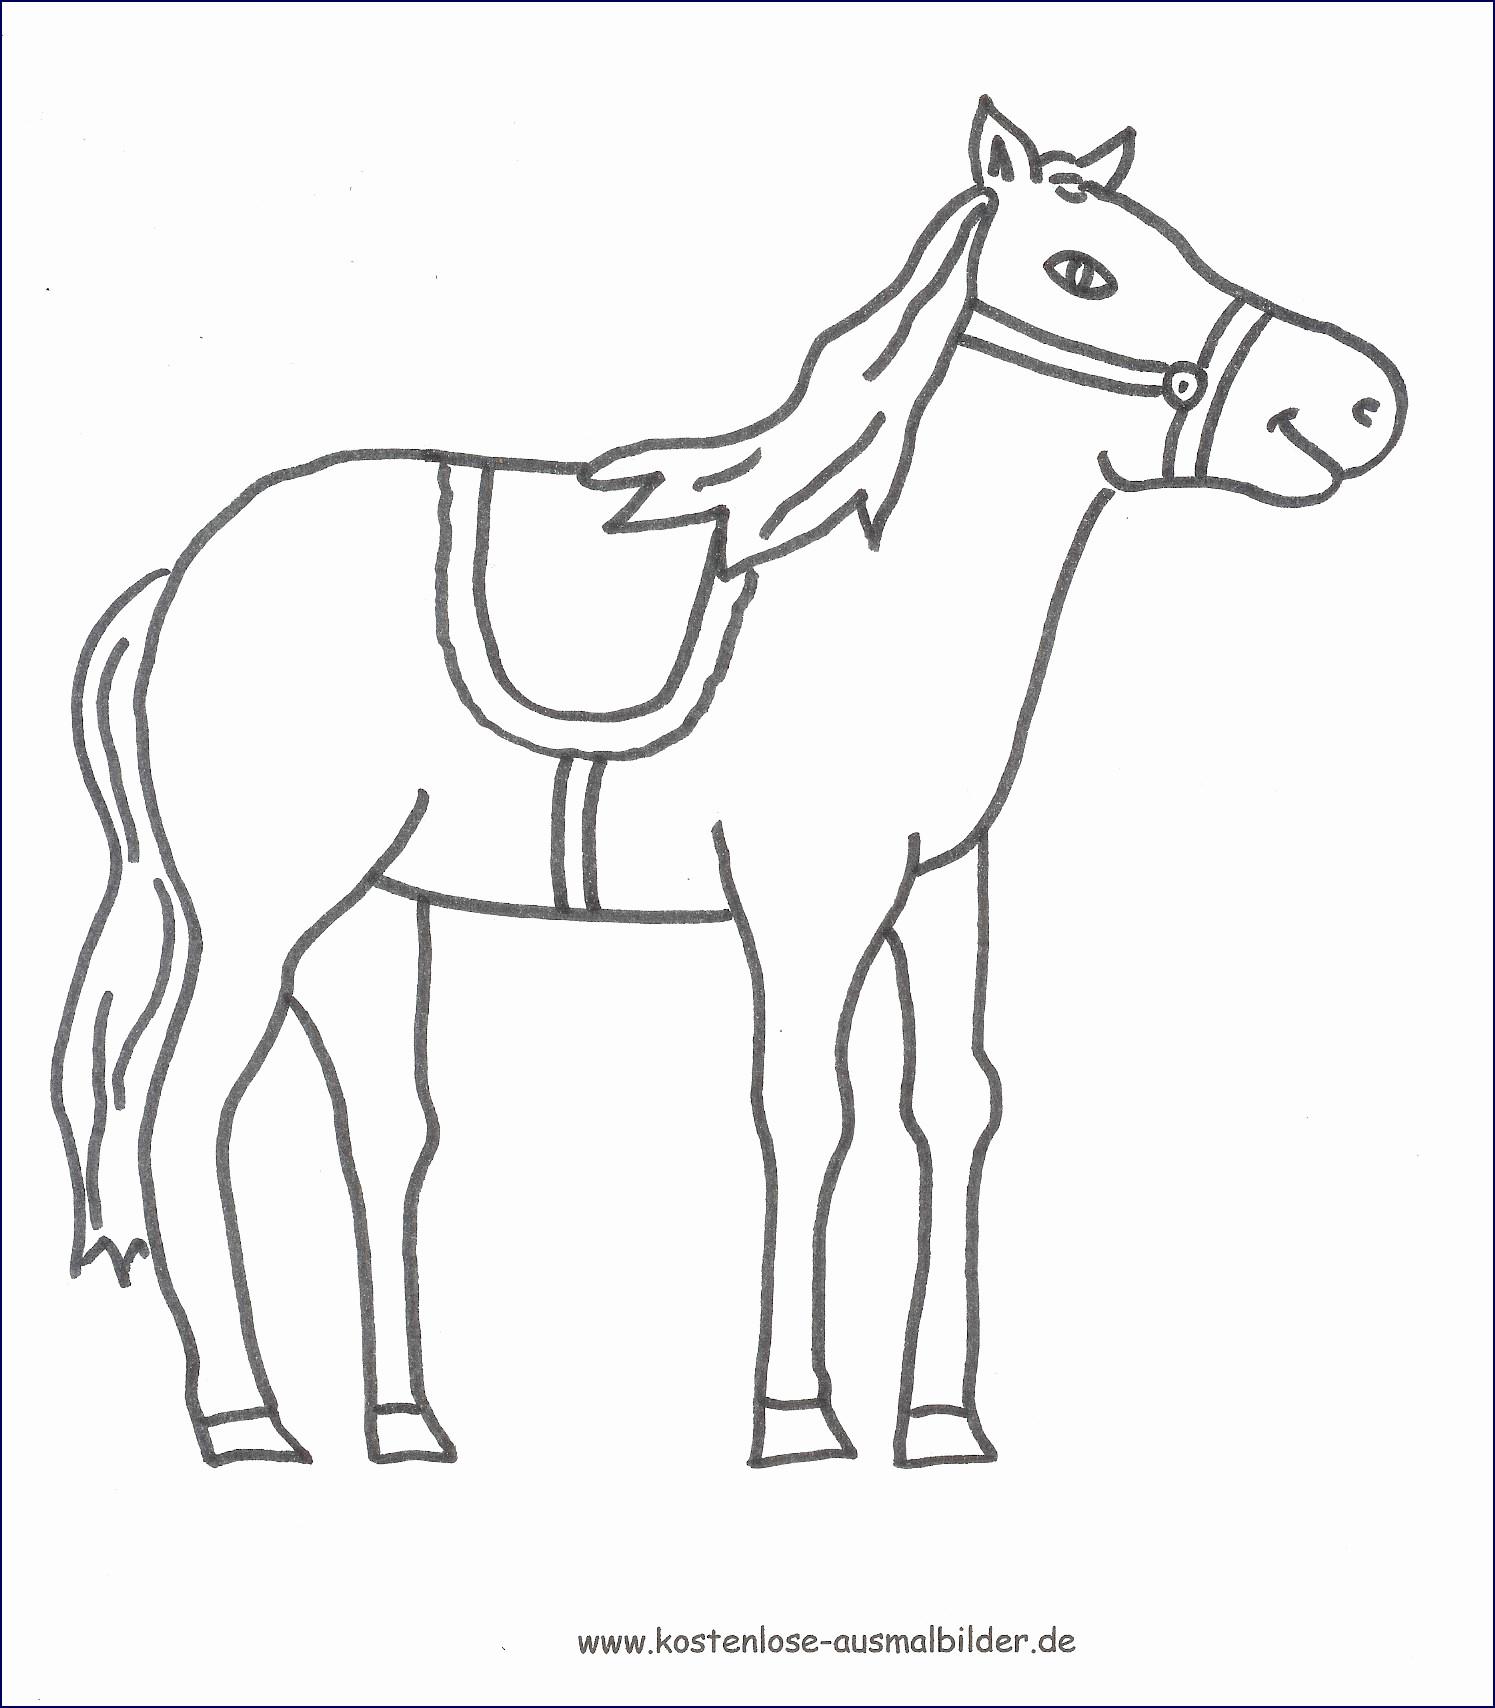 Pferde Ausmalbilder Zum Drucken Inspirierend Ausmalbilder Zum Ausdrucken Pferde Bilder 40 Genial Bilder Von Stock